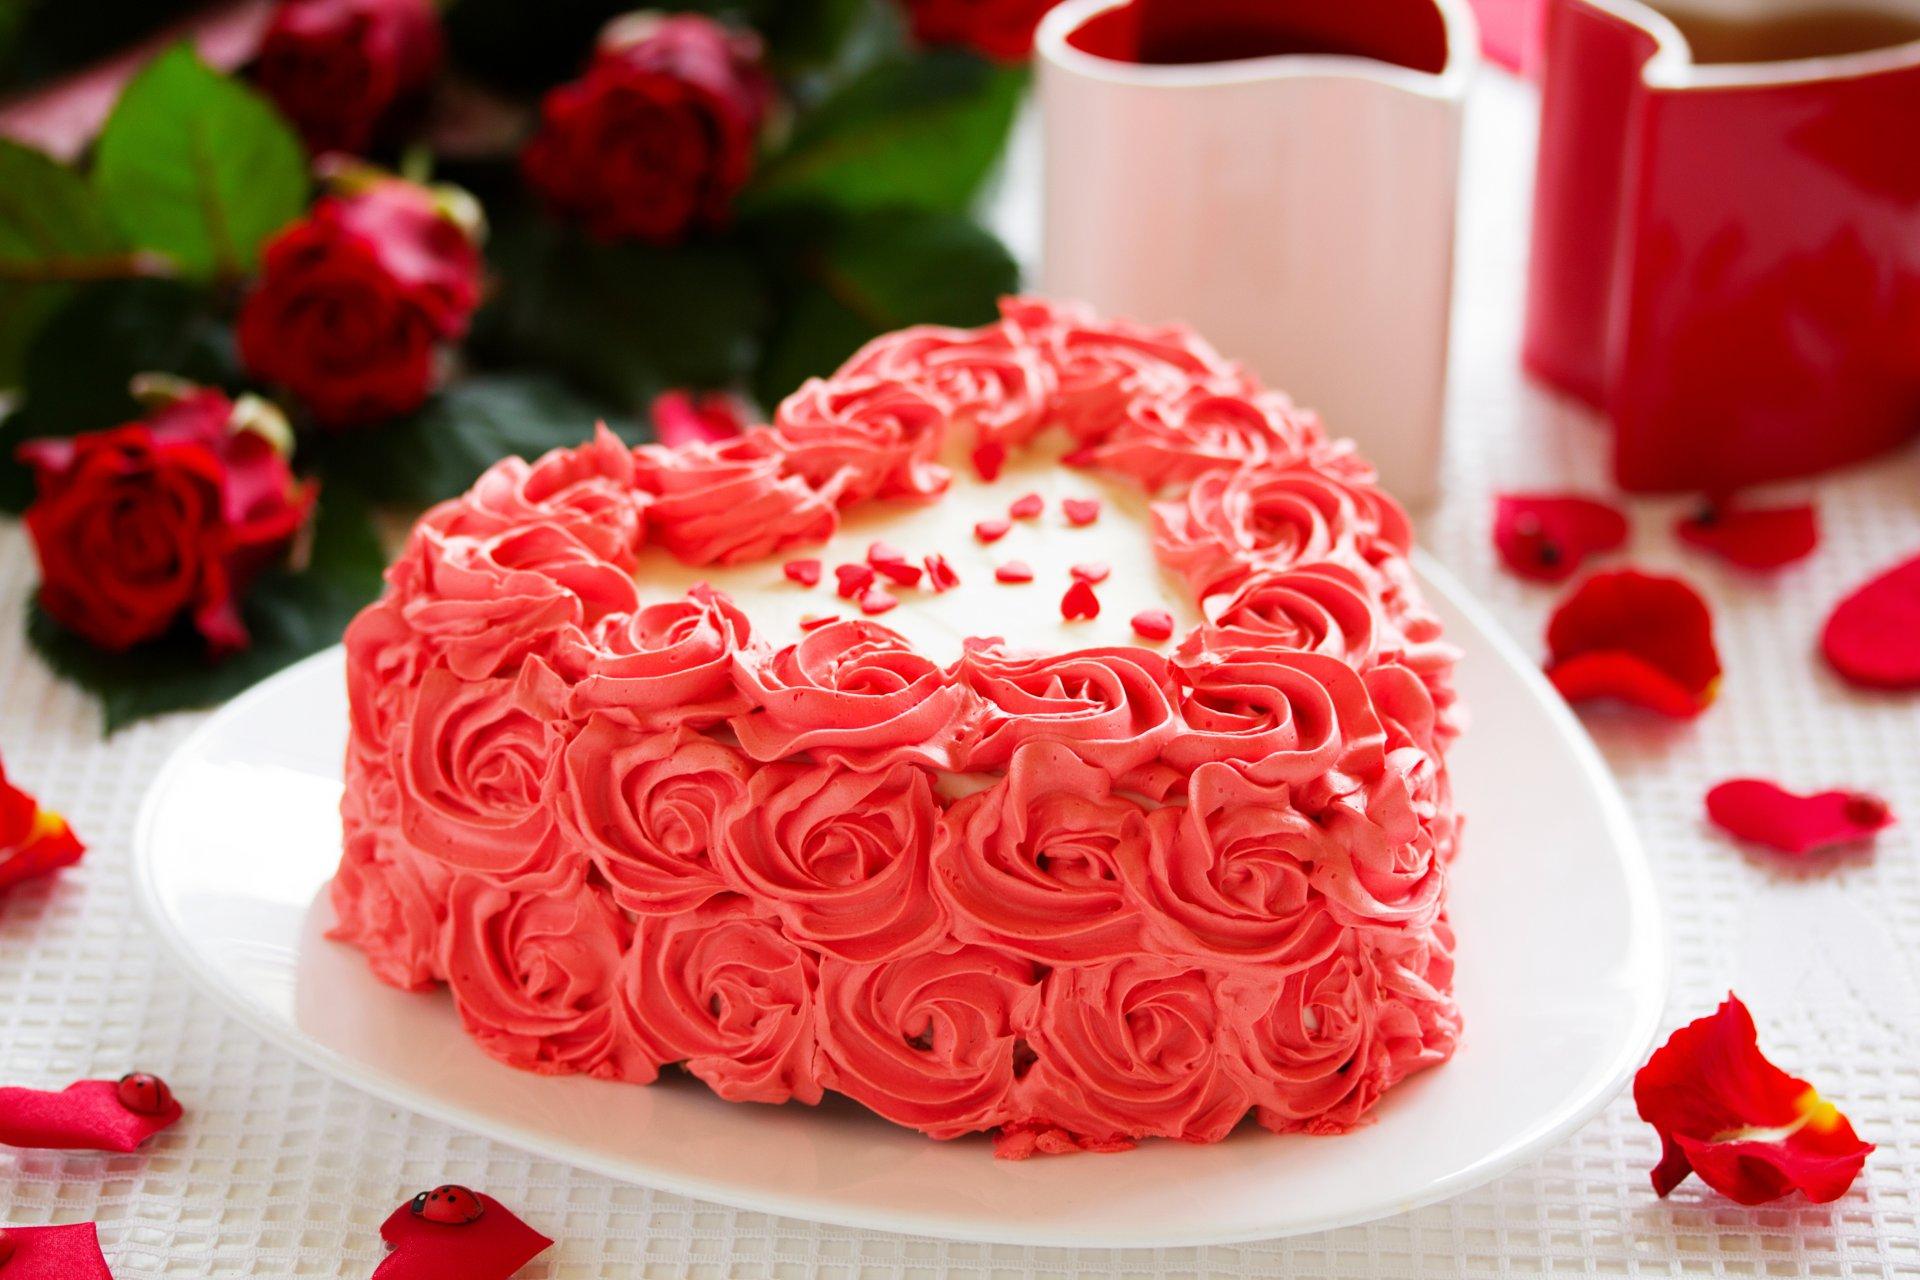 Лучшие десерты на день Святого Валентина в 2019 году